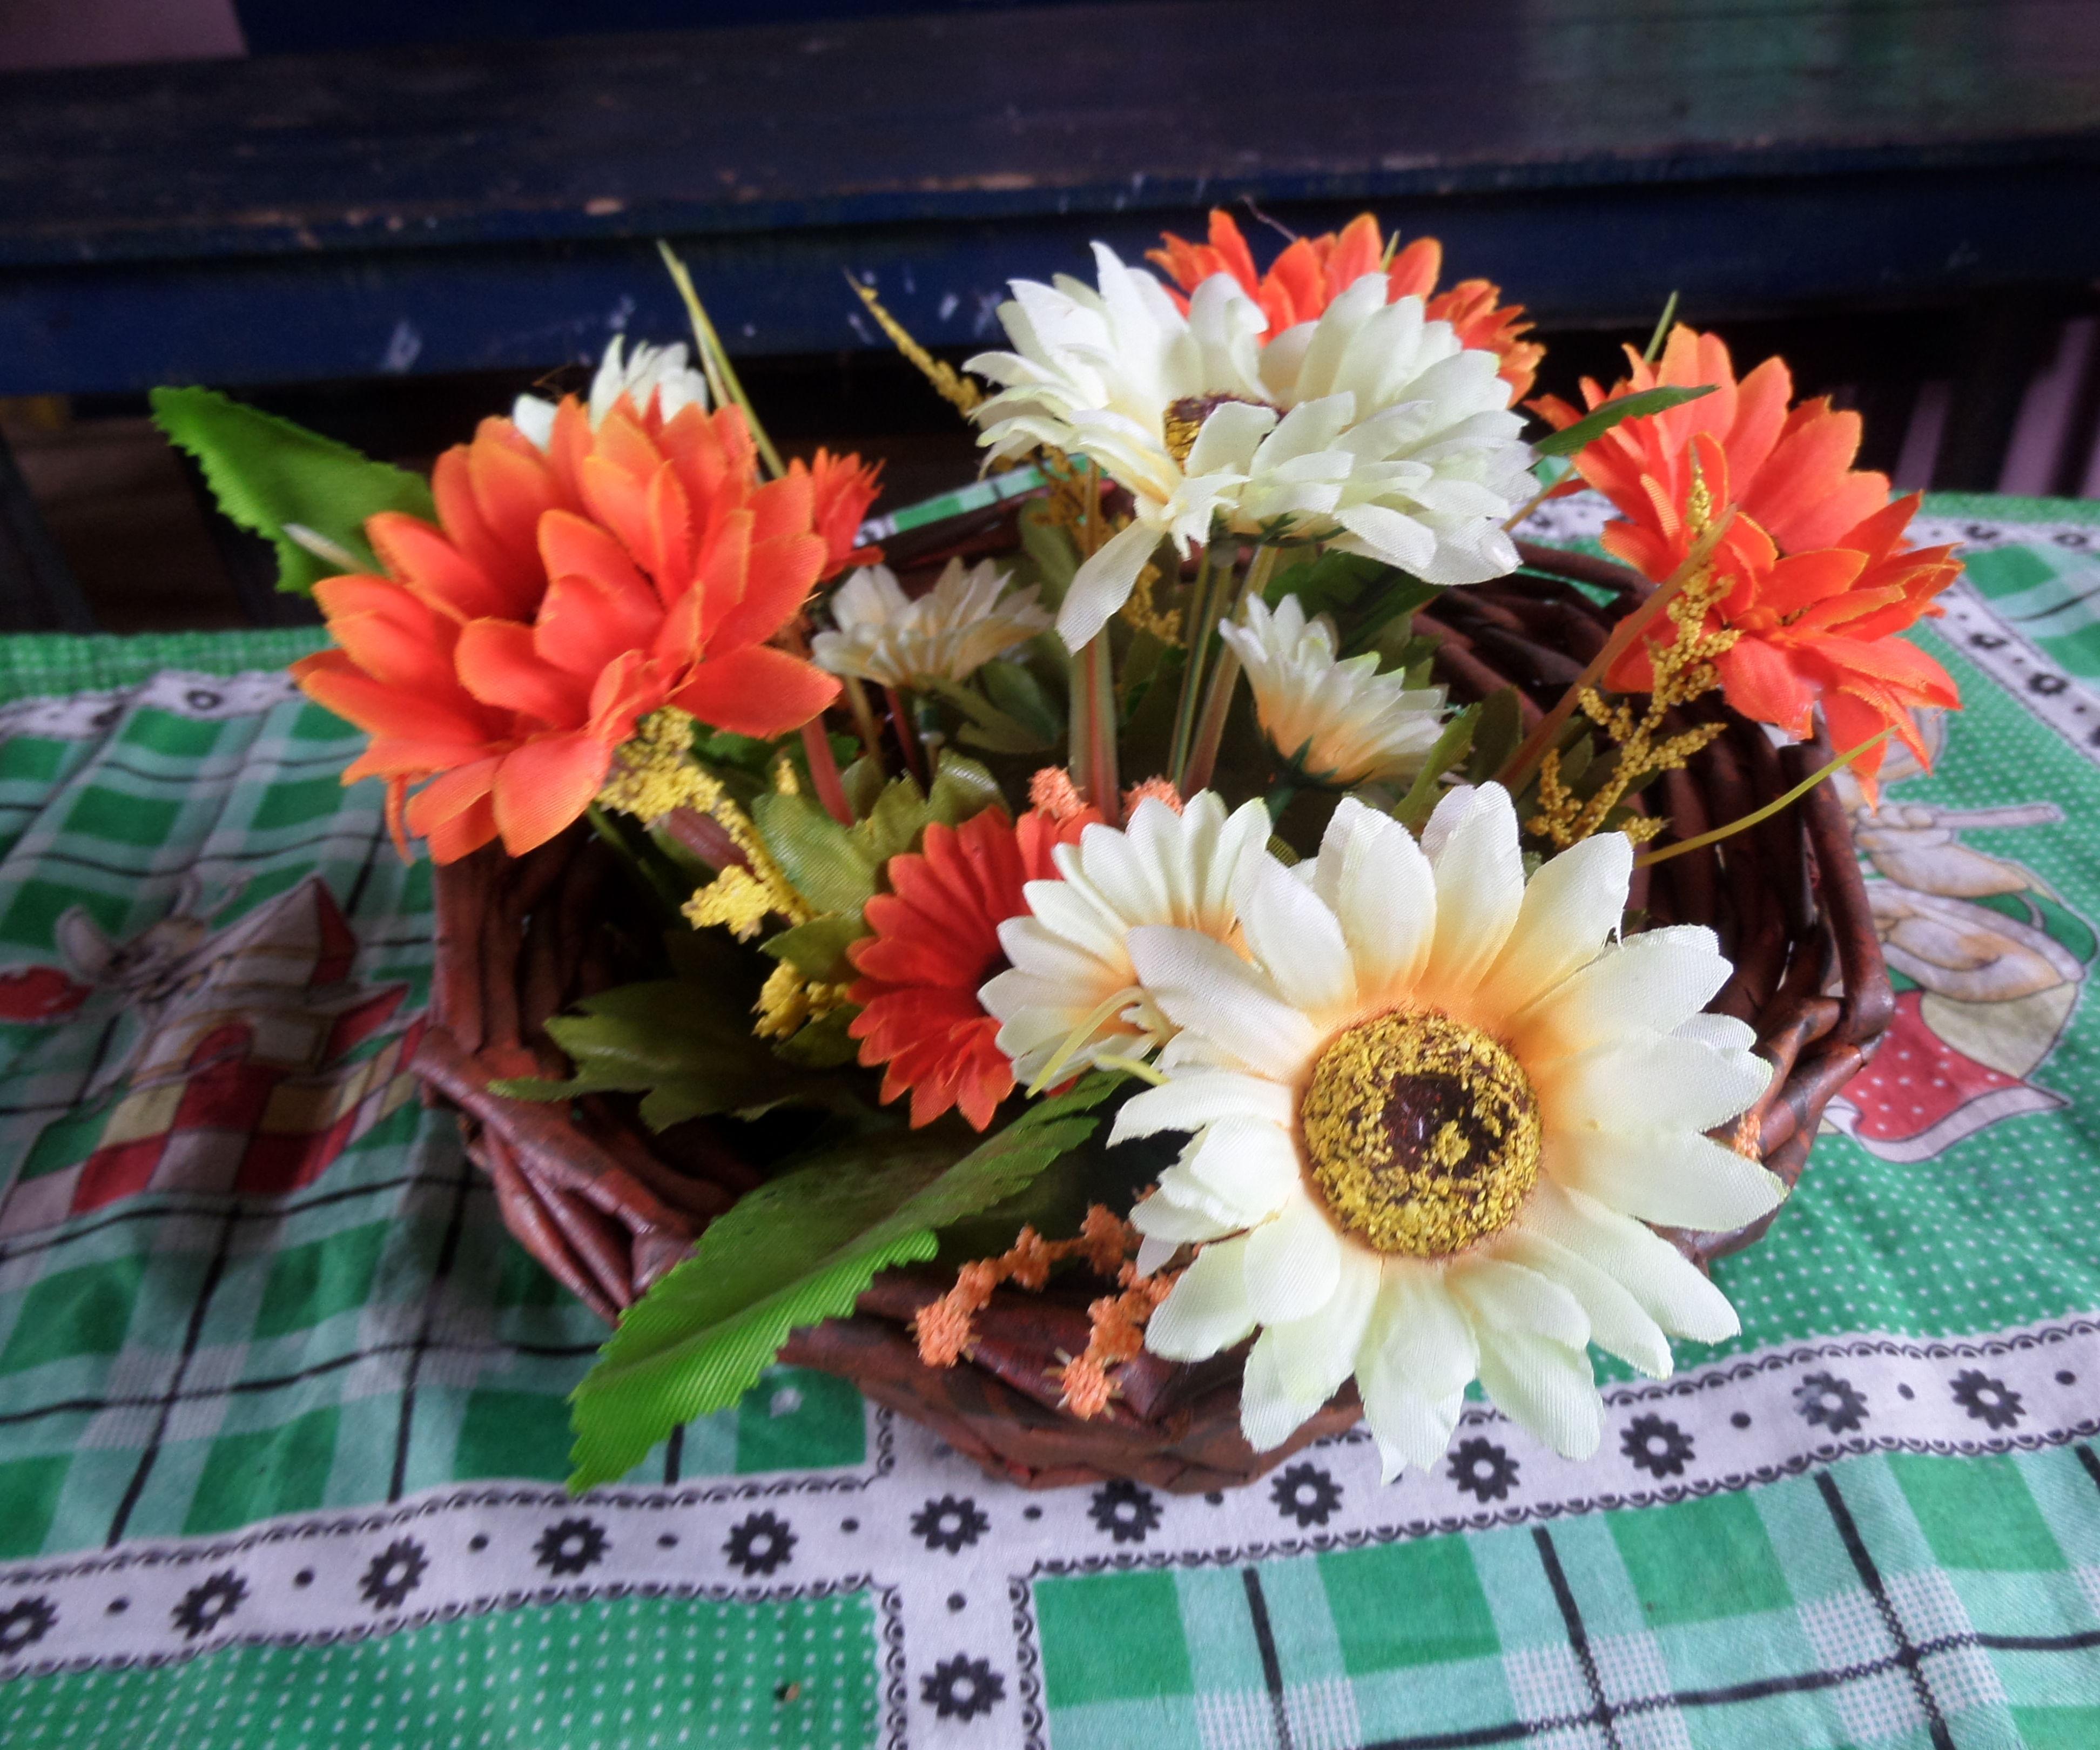 Flower Vase from newspaper tube